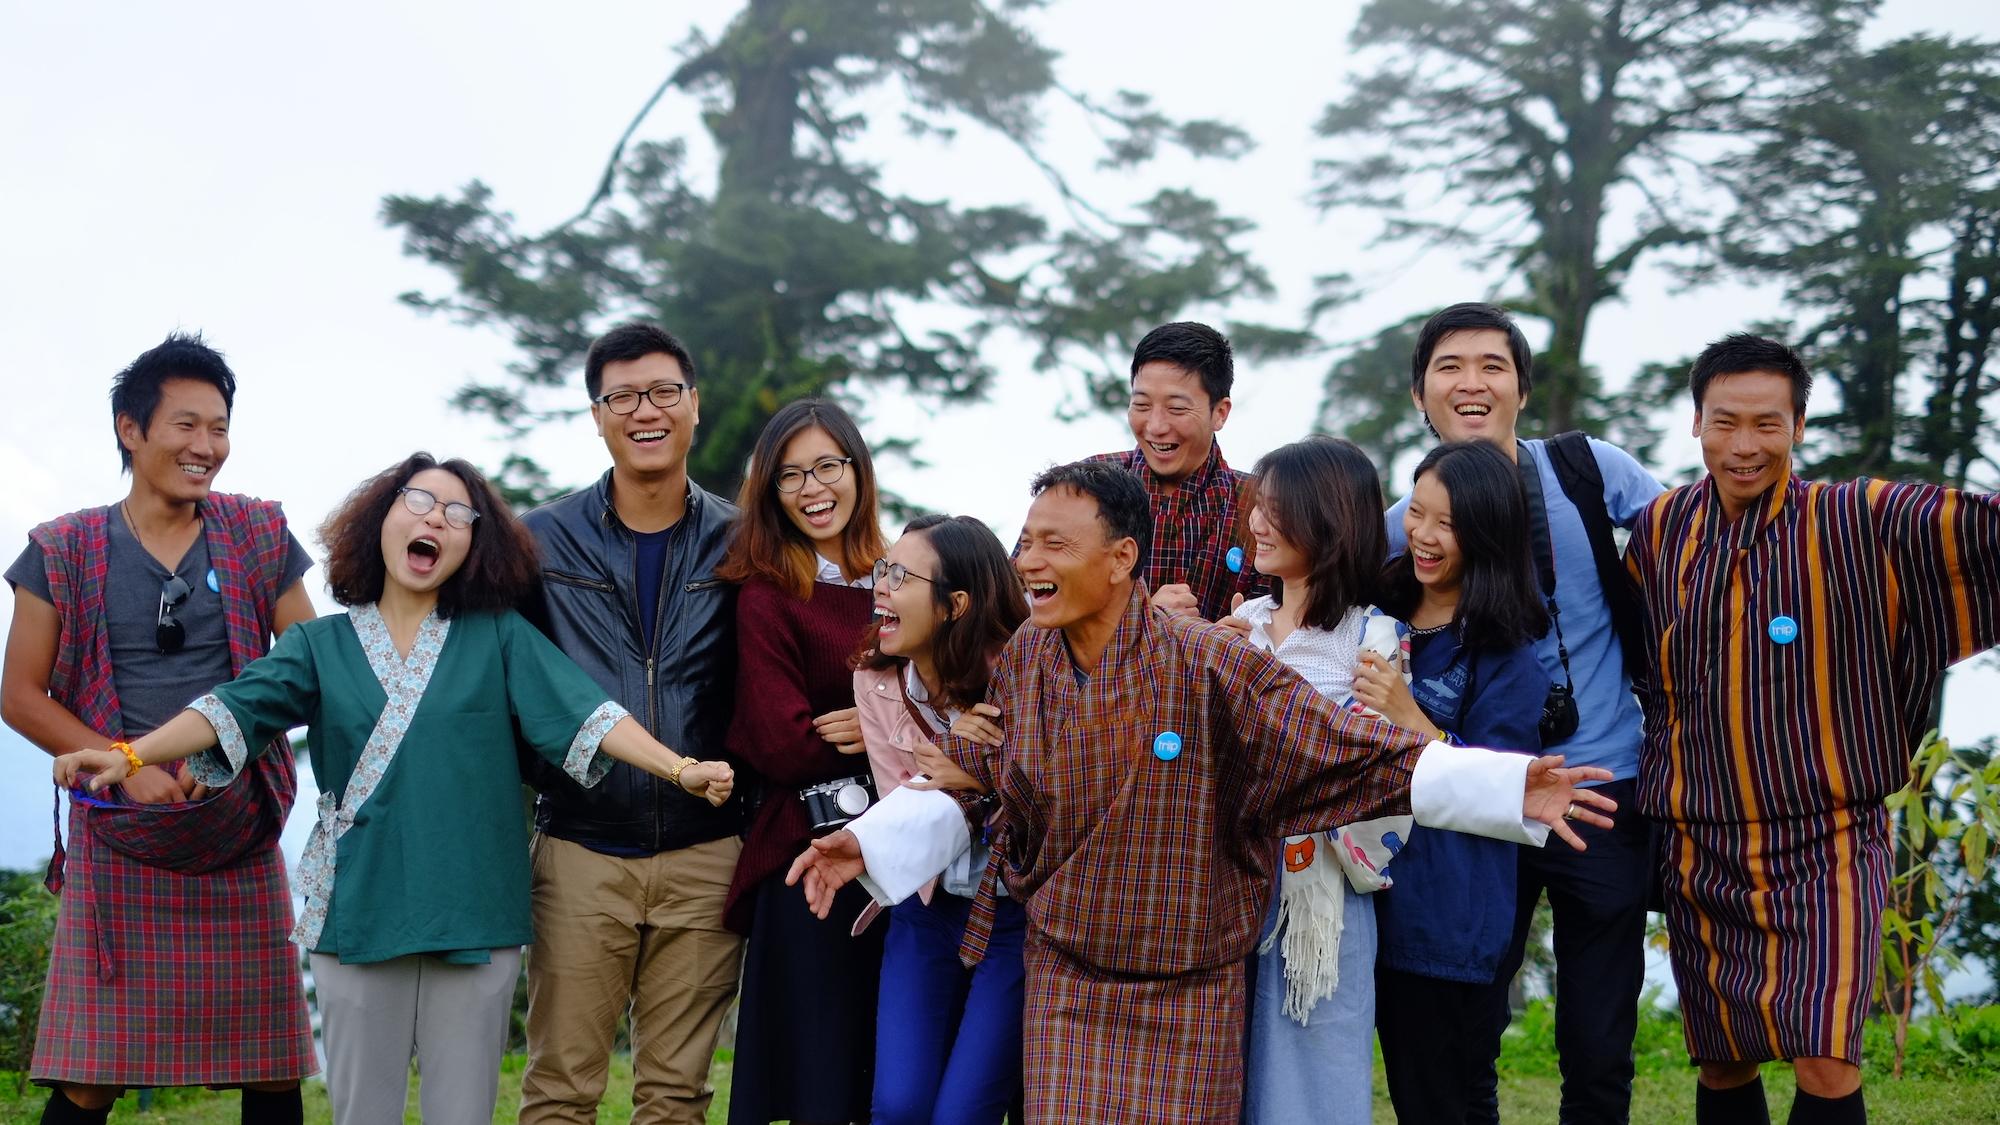 Du lịch Bhutan với Best Bhutan Tours by Triip - Đặt Tour Du Lịch Bhutan